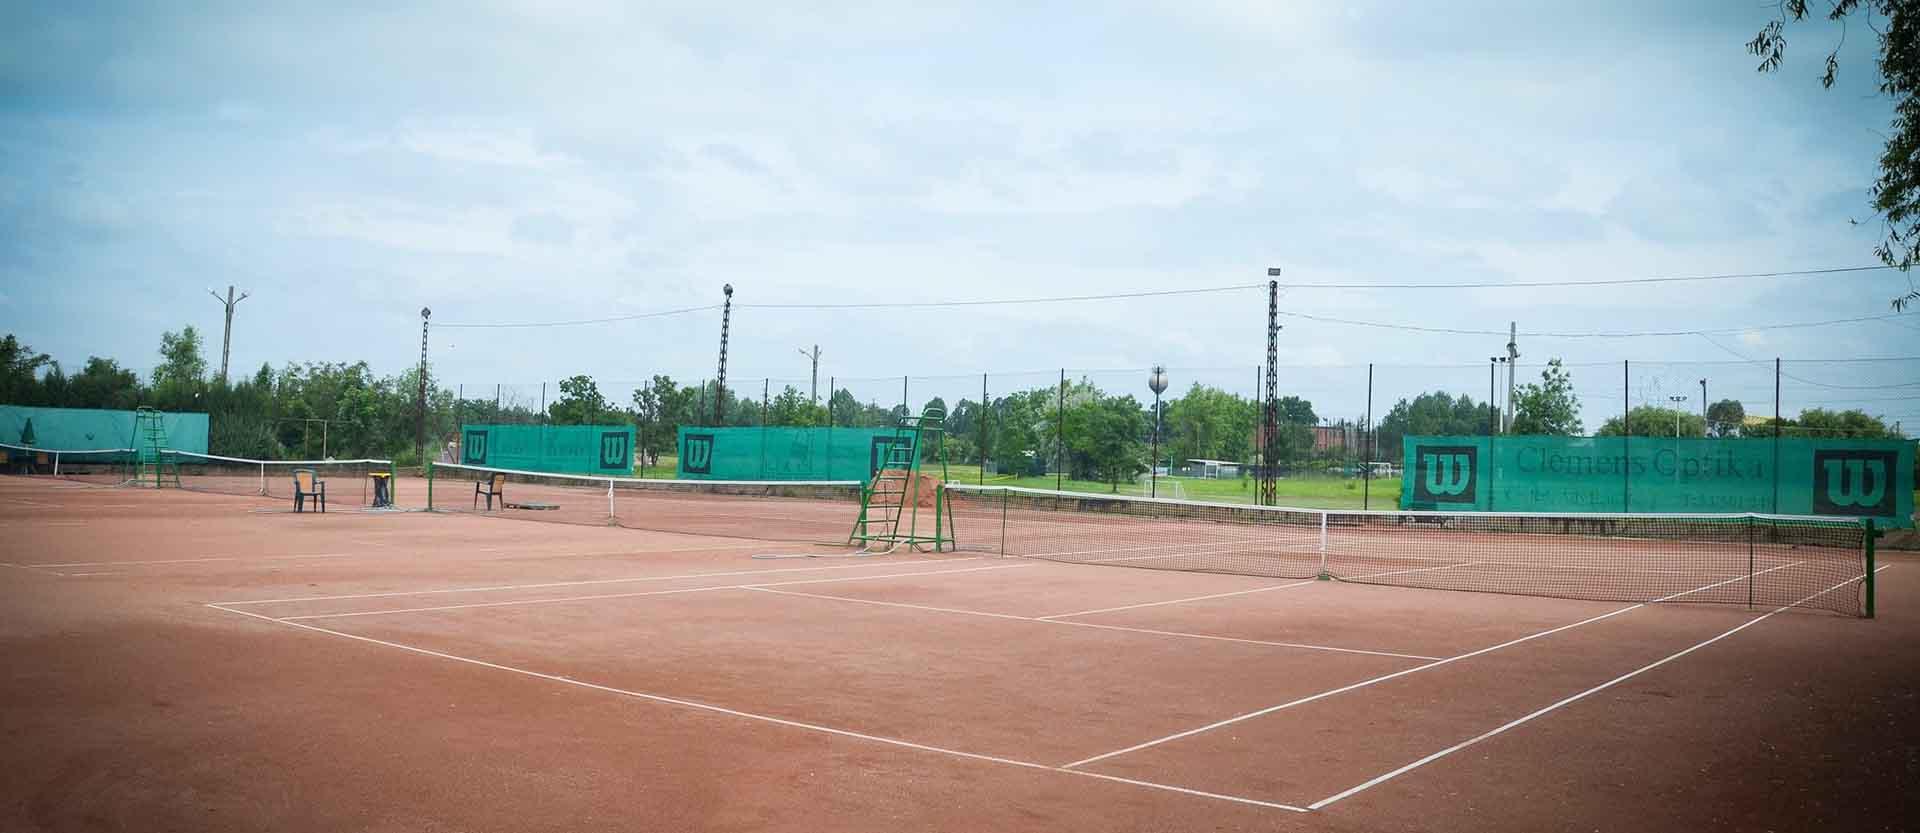 Ász Tenisz Sport Klub | 2017